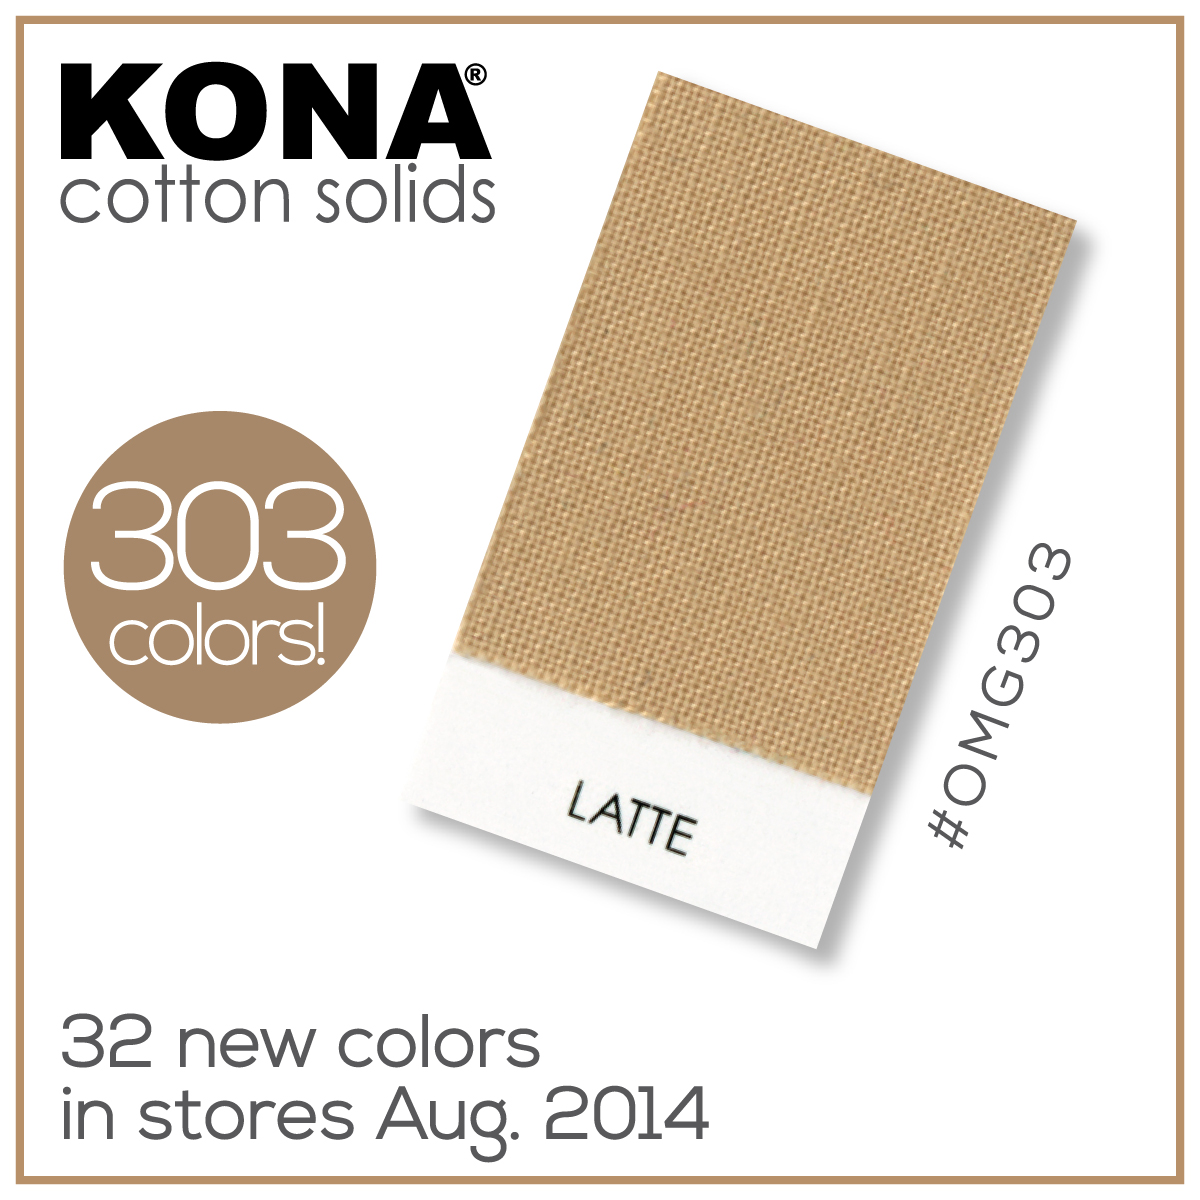 POSTED - Kona-Latte.jpg